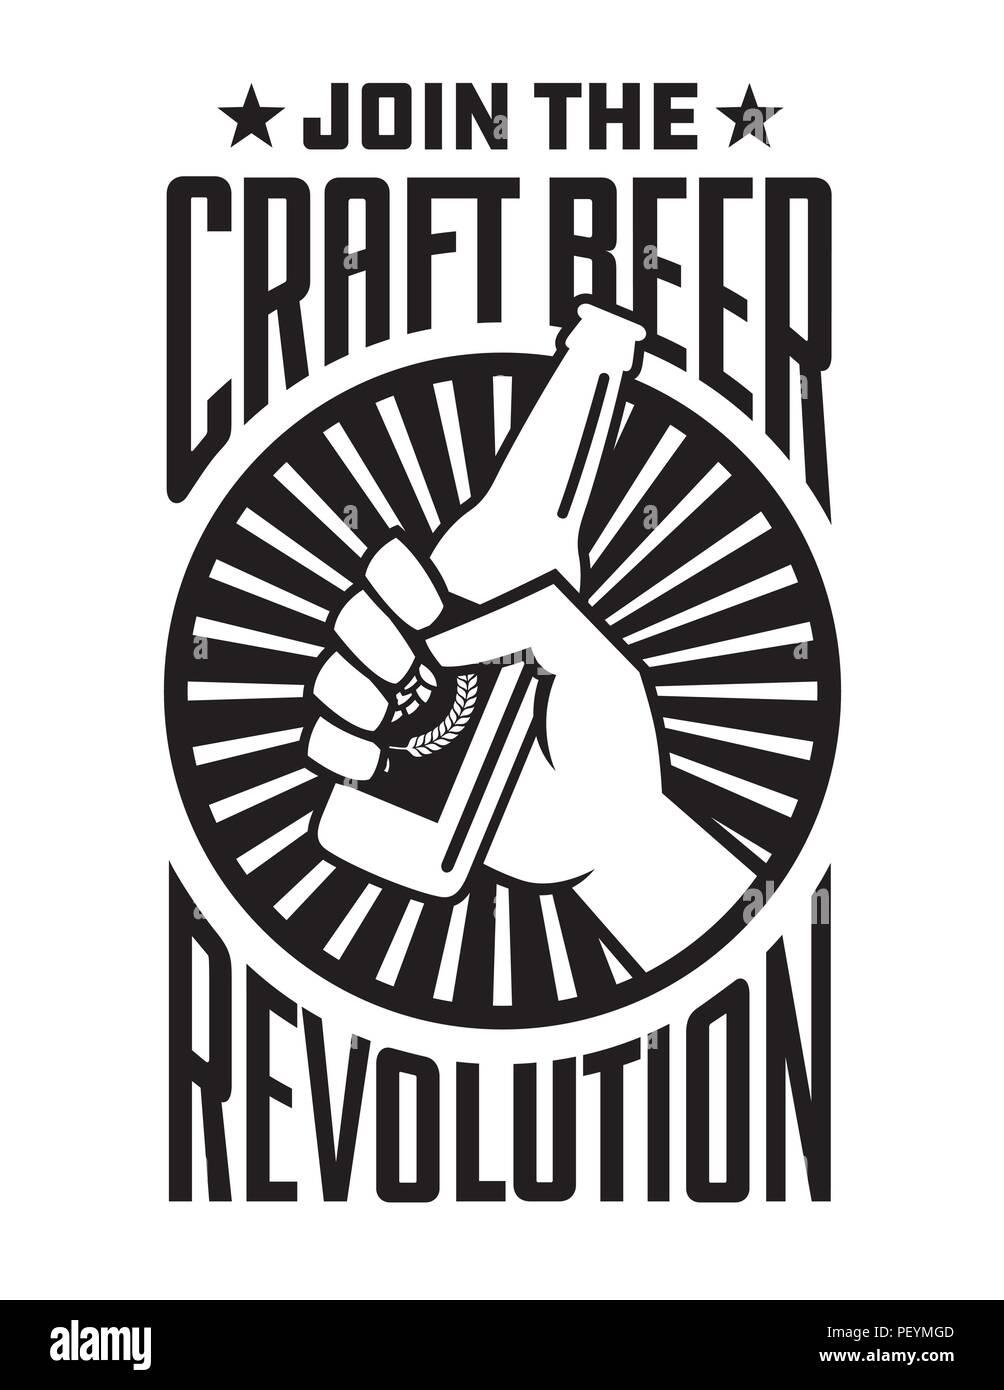 Handwerk Bier Revolution Vektor zugeschickt oder Label Design. Faust Holding eine Flasche Handwerk Bier in retro Logo Banner Design. Stockbild